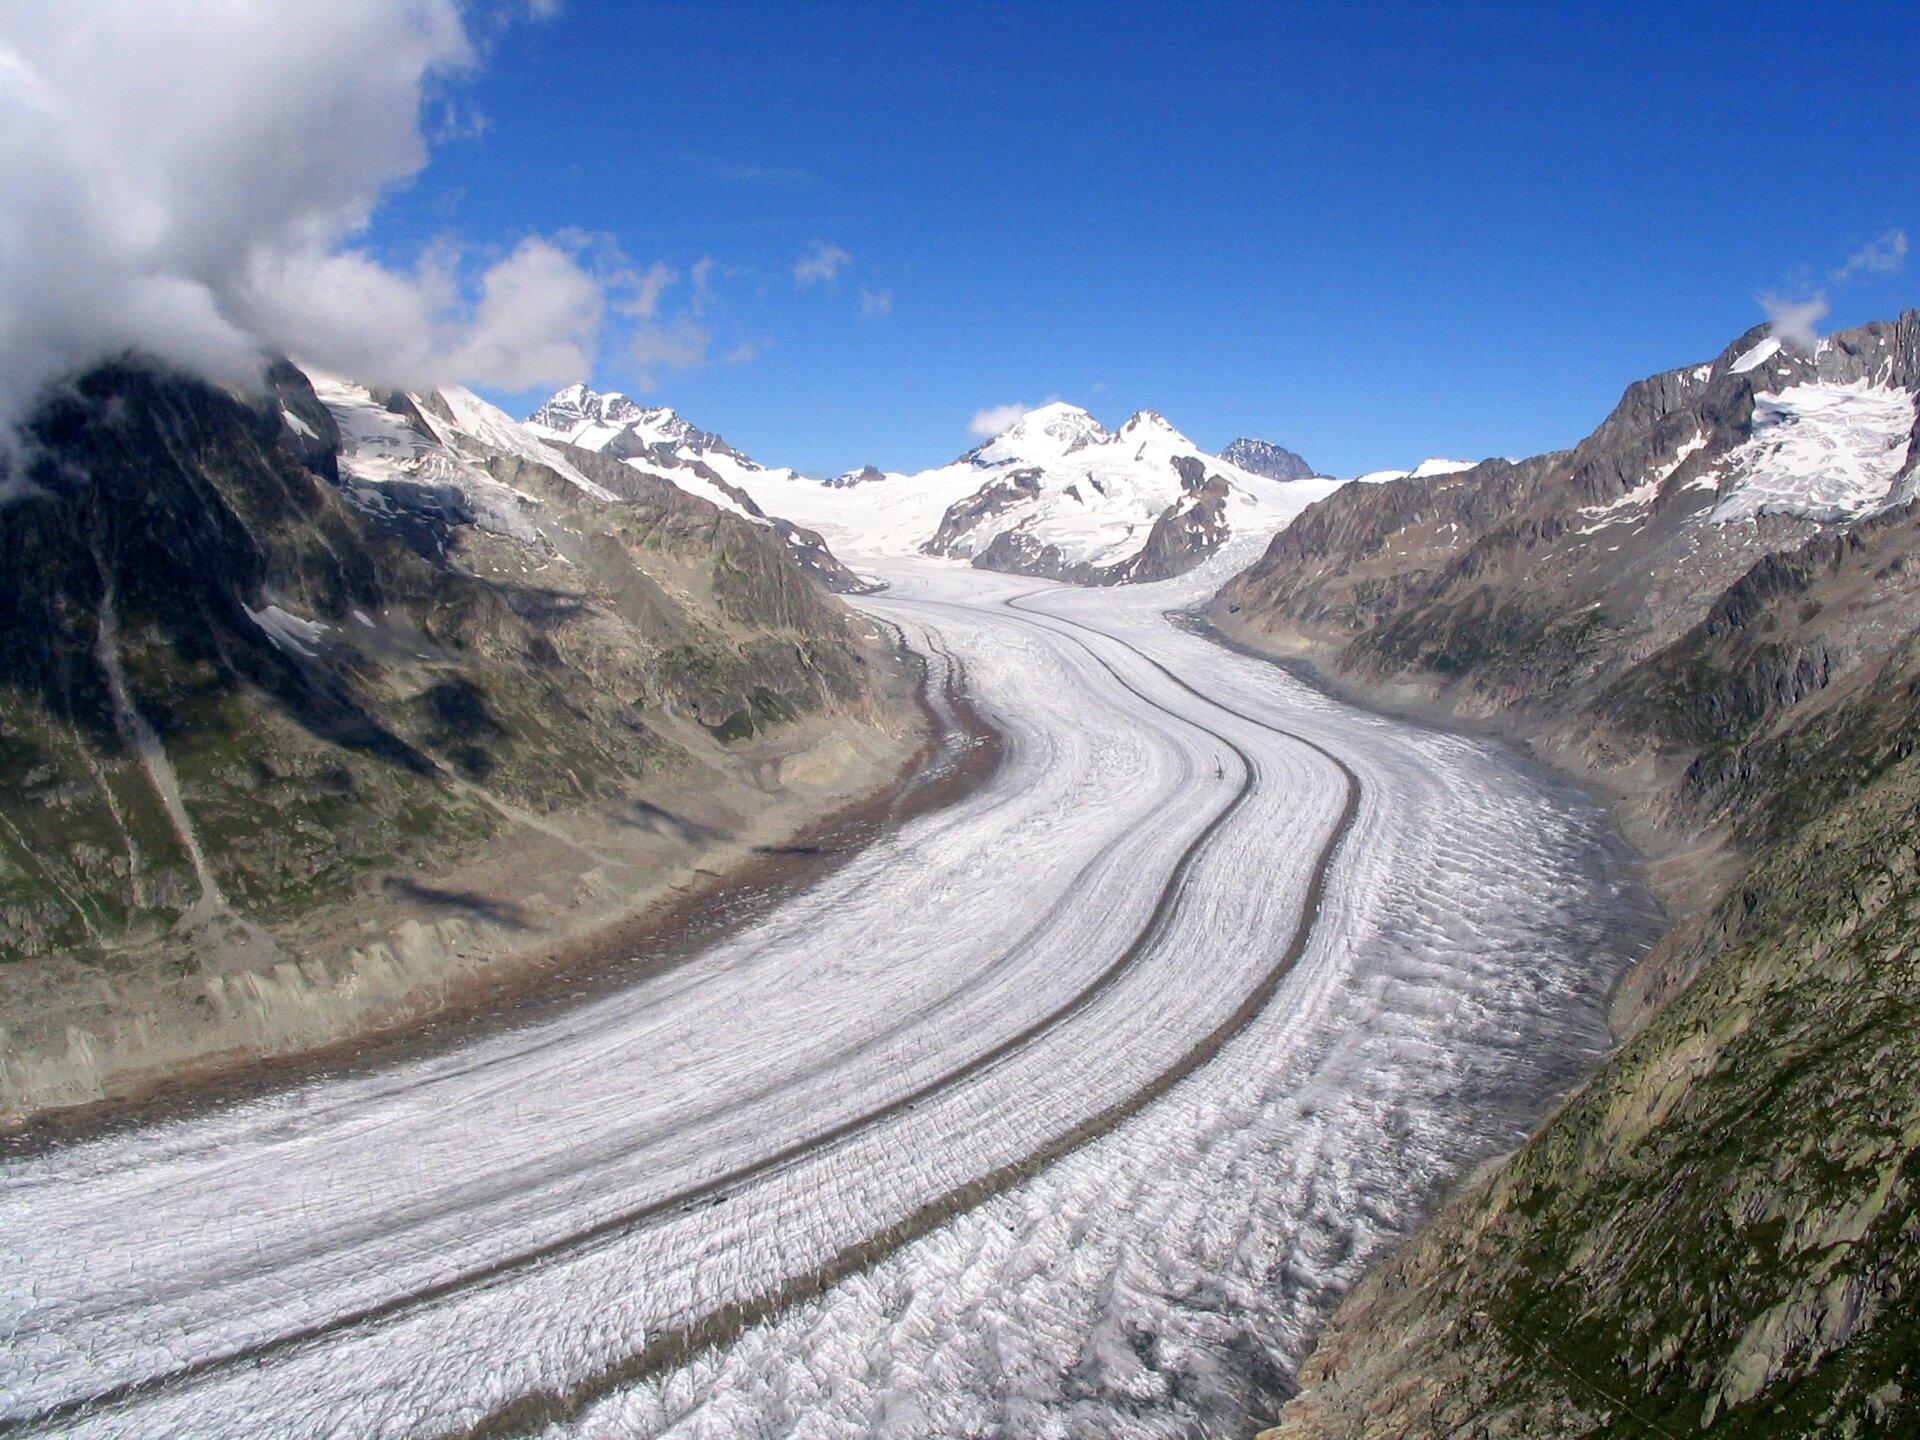 Zdjęcie przedstawia Alpy. Na pierwszym planie długi jęzor lodowca. Na prawo ilewo skaliste stoki gór. Na linii horyzontu szczyty gór pokryte śniegiem ilodem. Niebo błękitne.